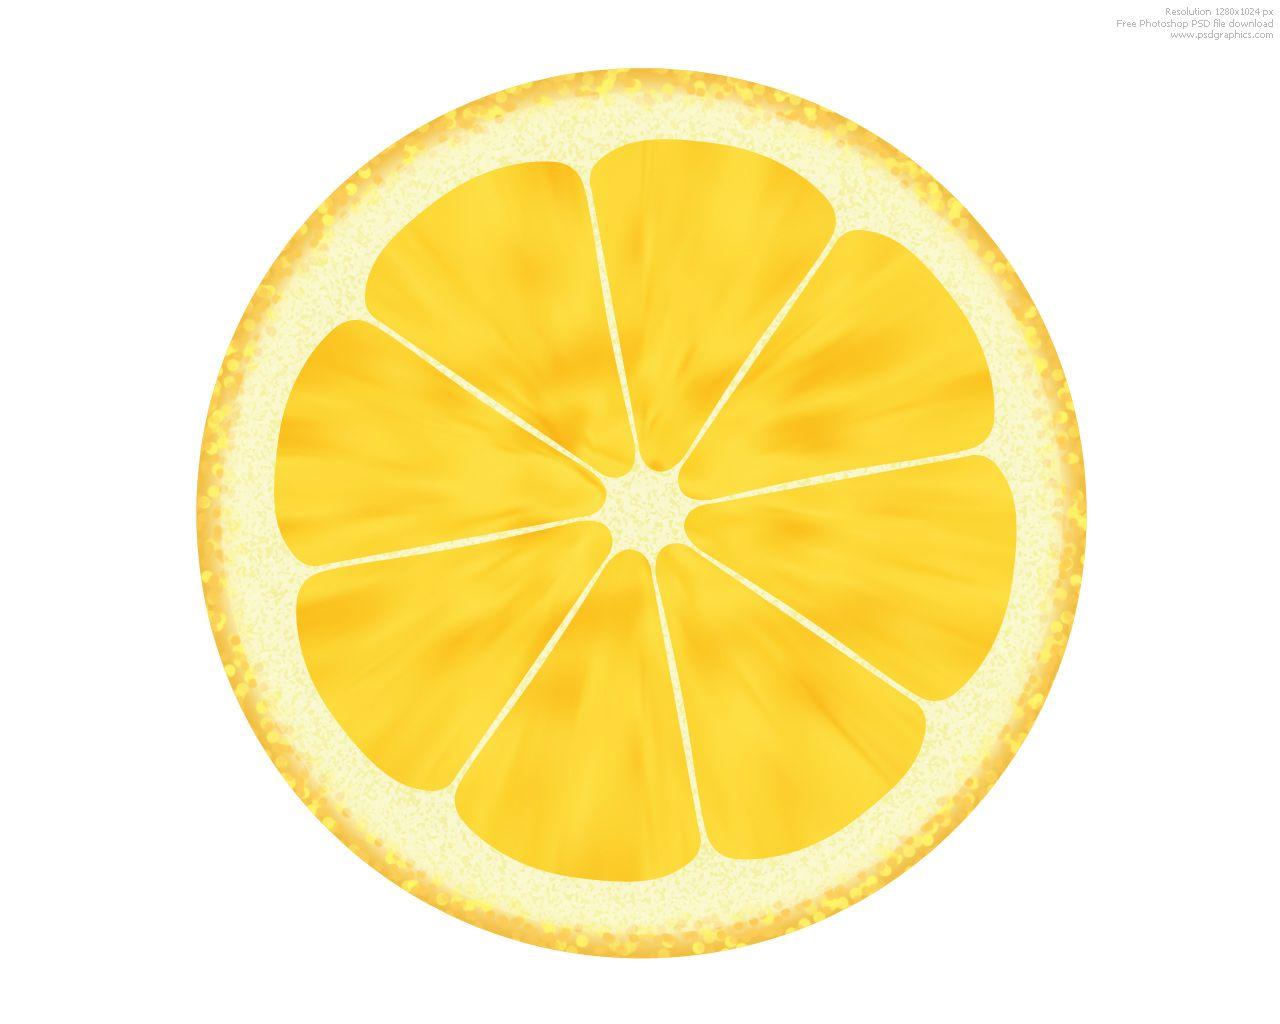 Lemon Slice Drawing Lemon Slice Clip Art.